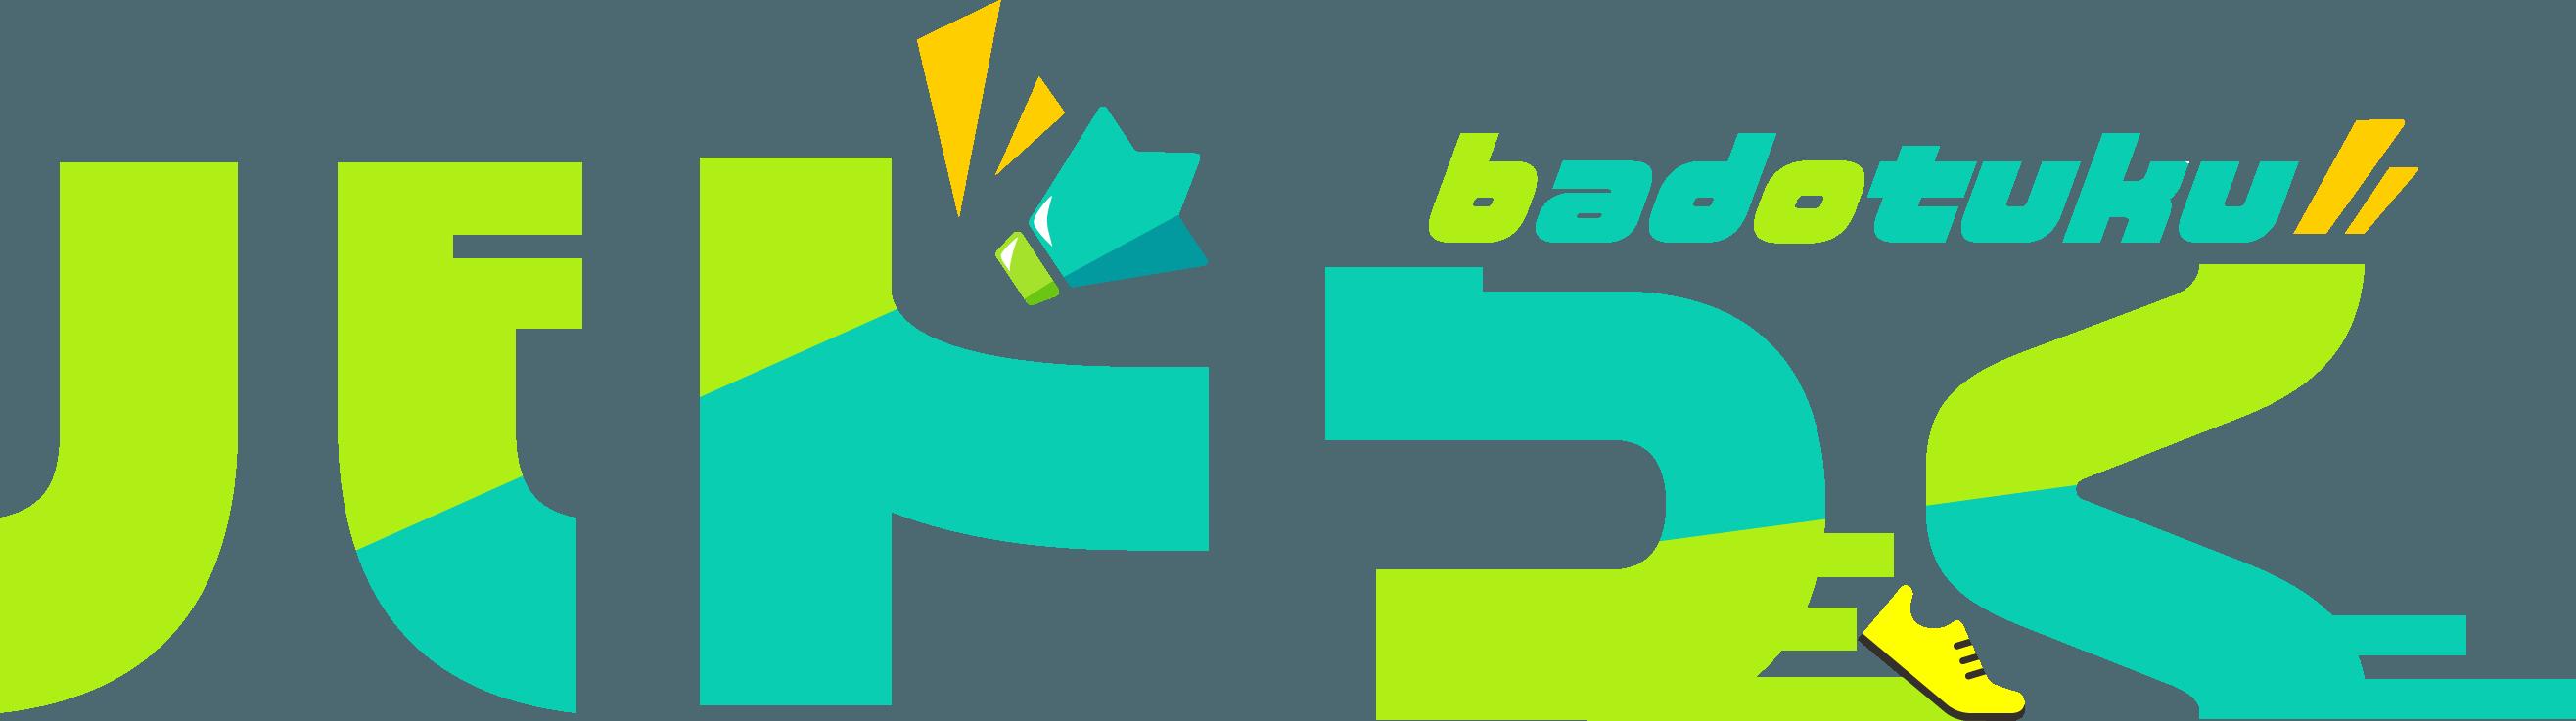 バドつく|バドミントンサークルをつくるためのブログベースのWEBサイト|立上げから運営まで